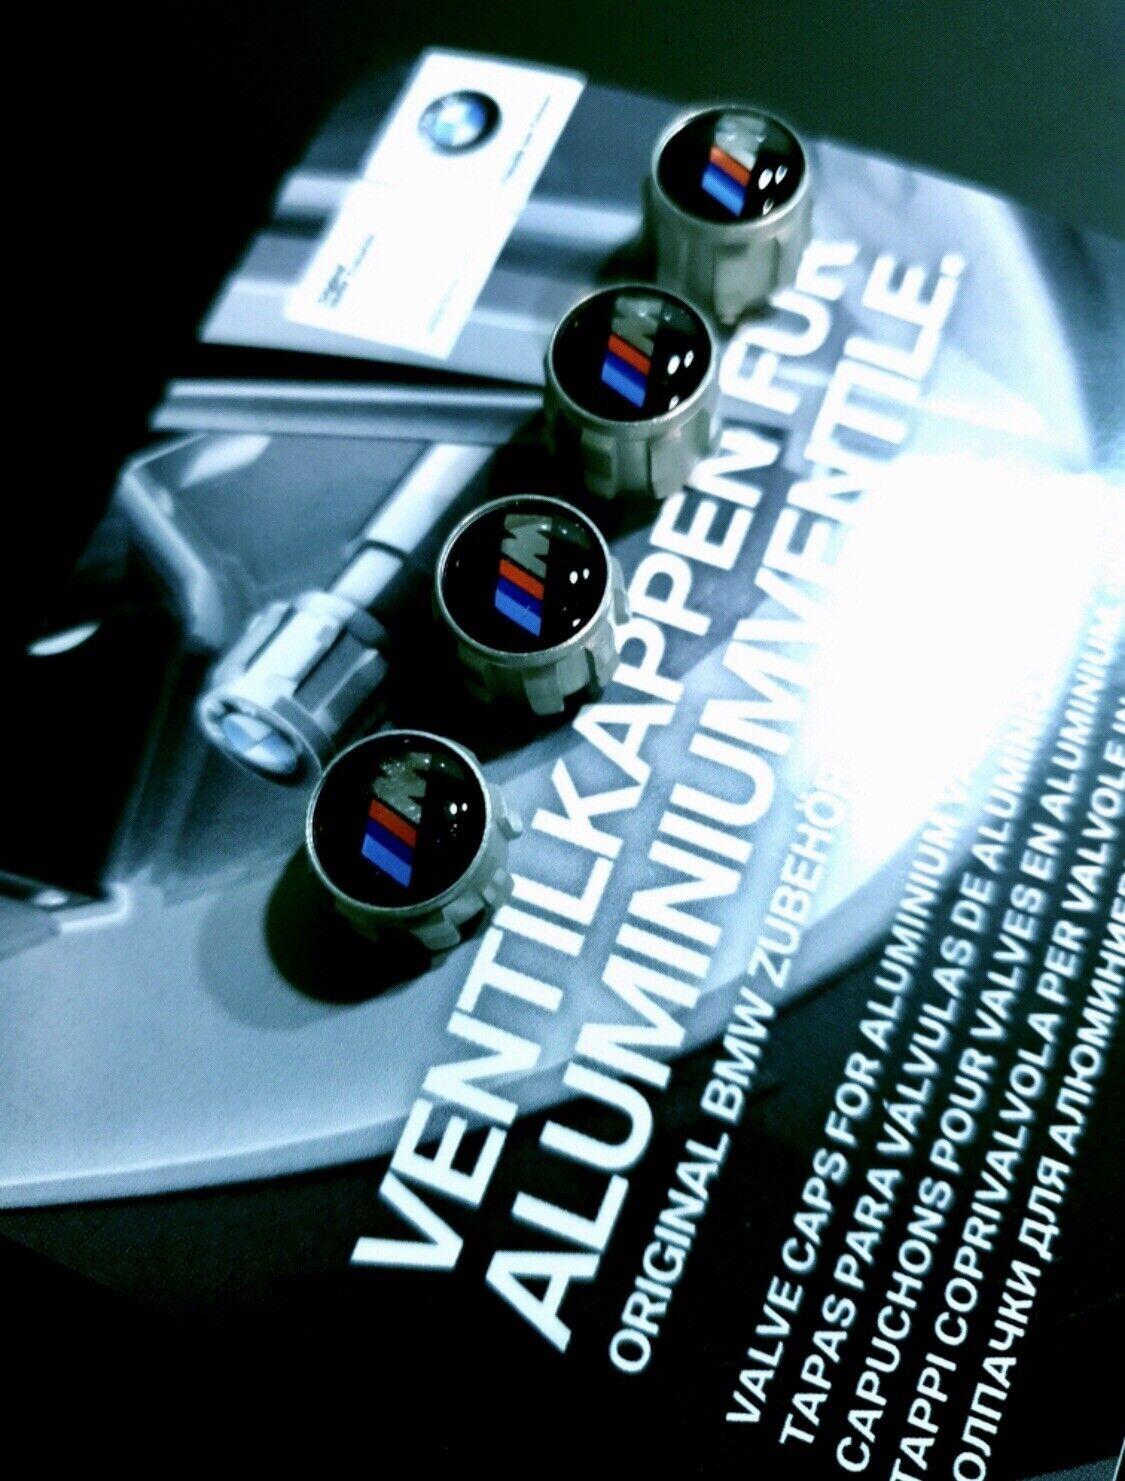 BOUCHONS DE VALVES ORIGINAL BMW M1 M2 M3 M4 M5 M6 36122447401 X5 X6 F10 G01 F26